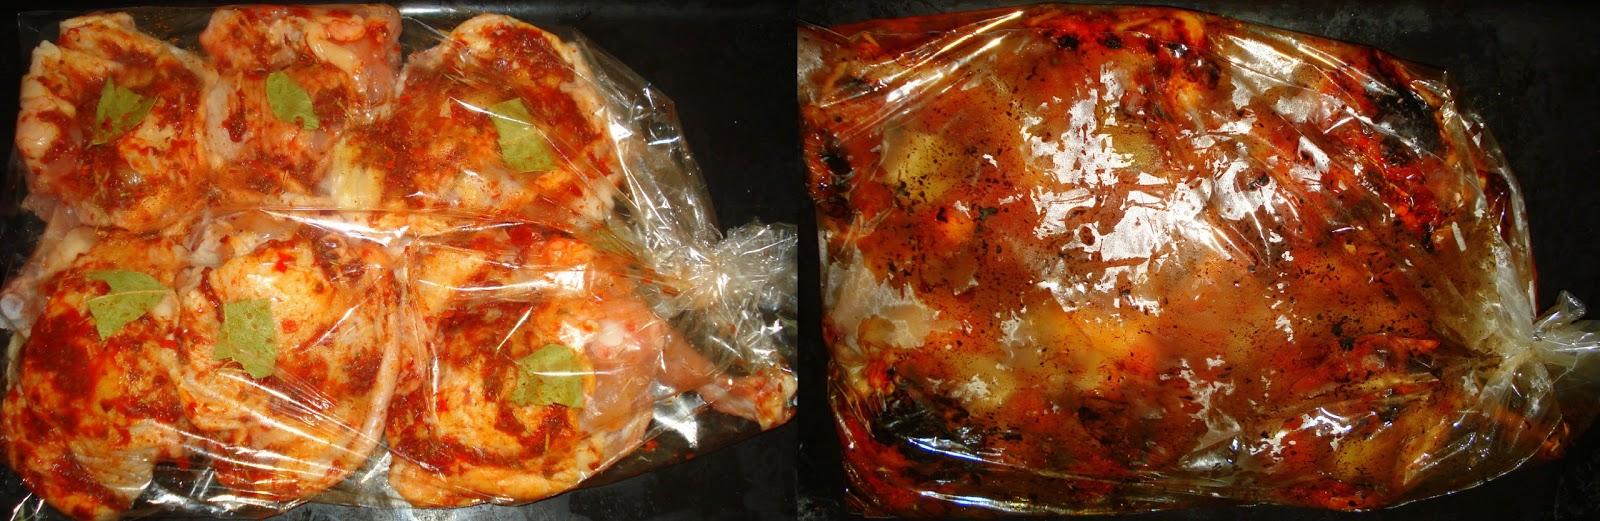 Fırın Torbasında Sebzeli Tavuk Tarifi